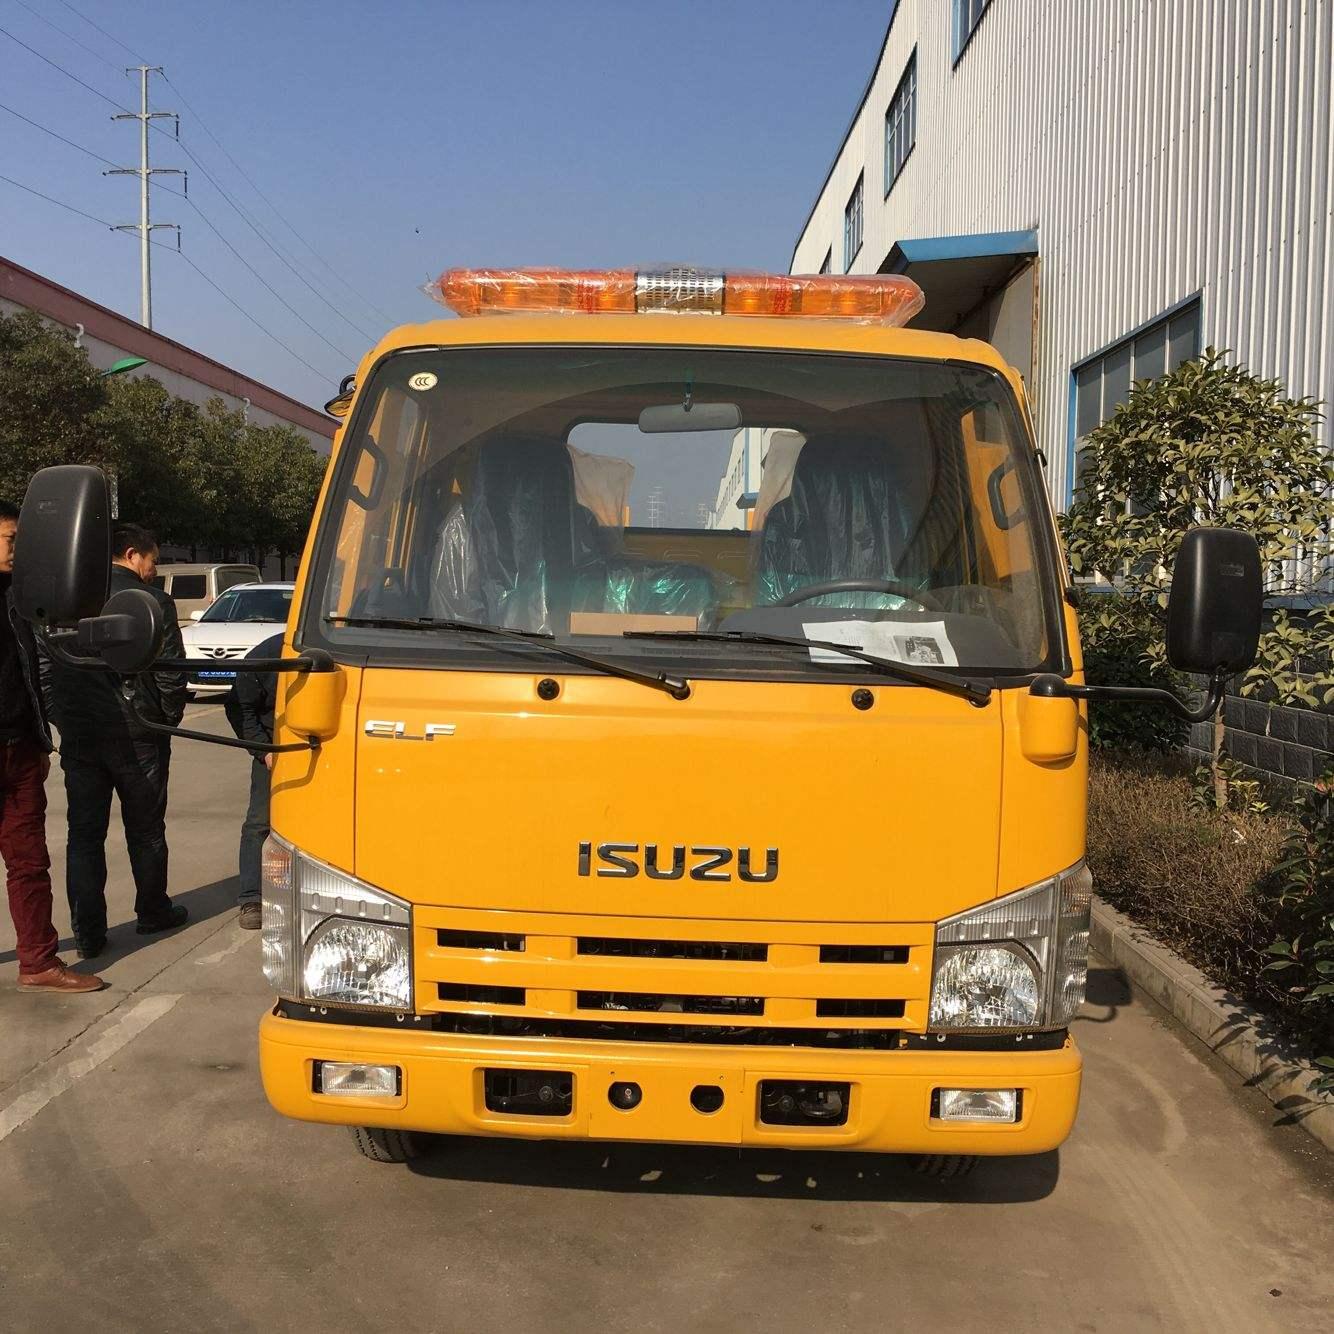 辽宁大连5吨庆铃五十铃清障车(拖车)价格和厂家和图片